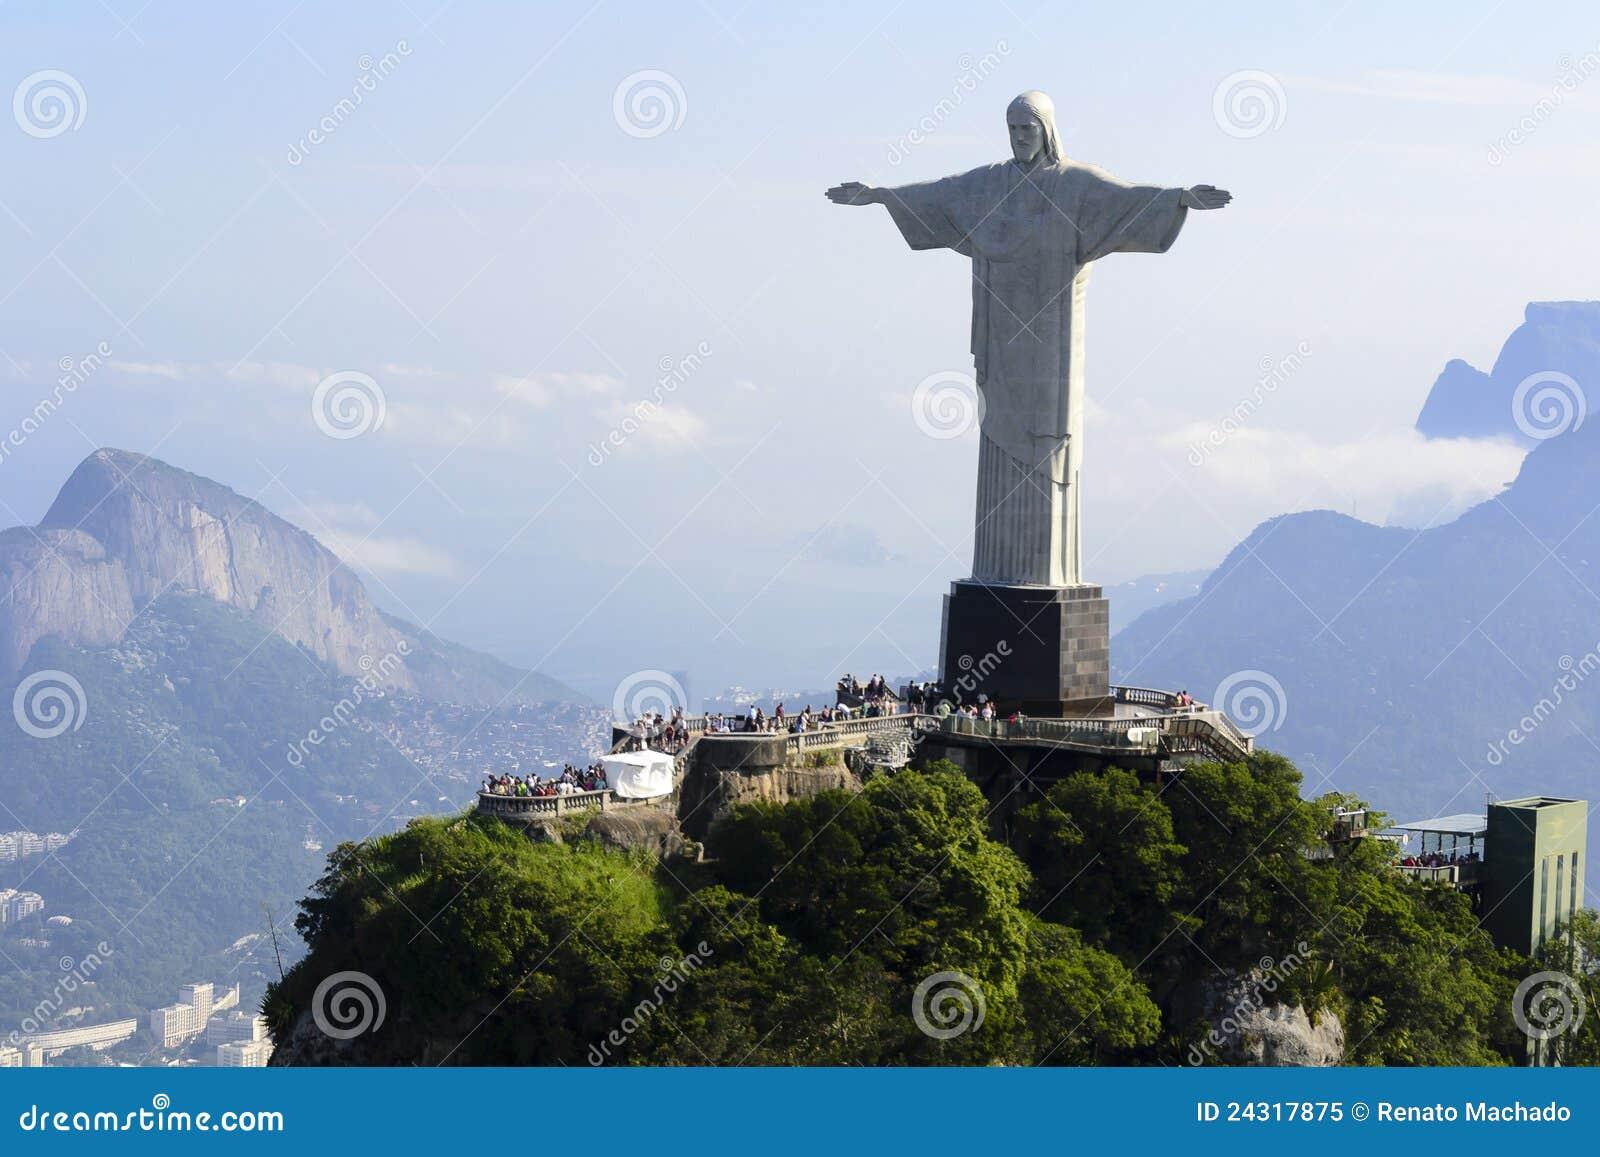 Air view cristo redentor - Rio De Janeiro - Brazil